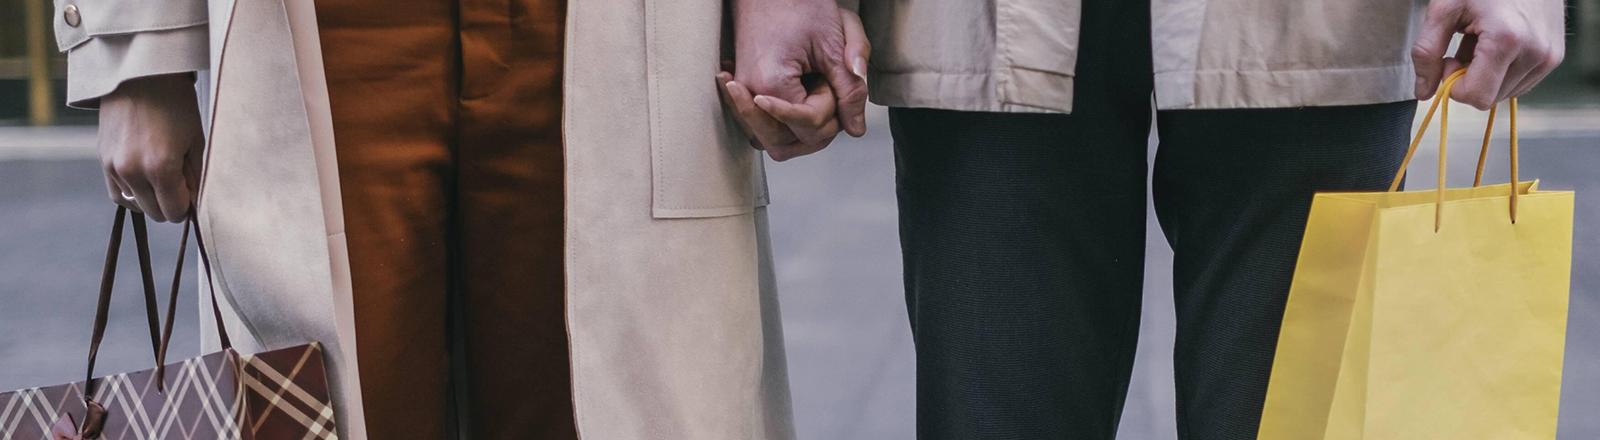 Zwei Menschen stehen nebeneinander und halten sich an den Händen. Sie haben jeweils eine Einkaufstüte in der Hand.